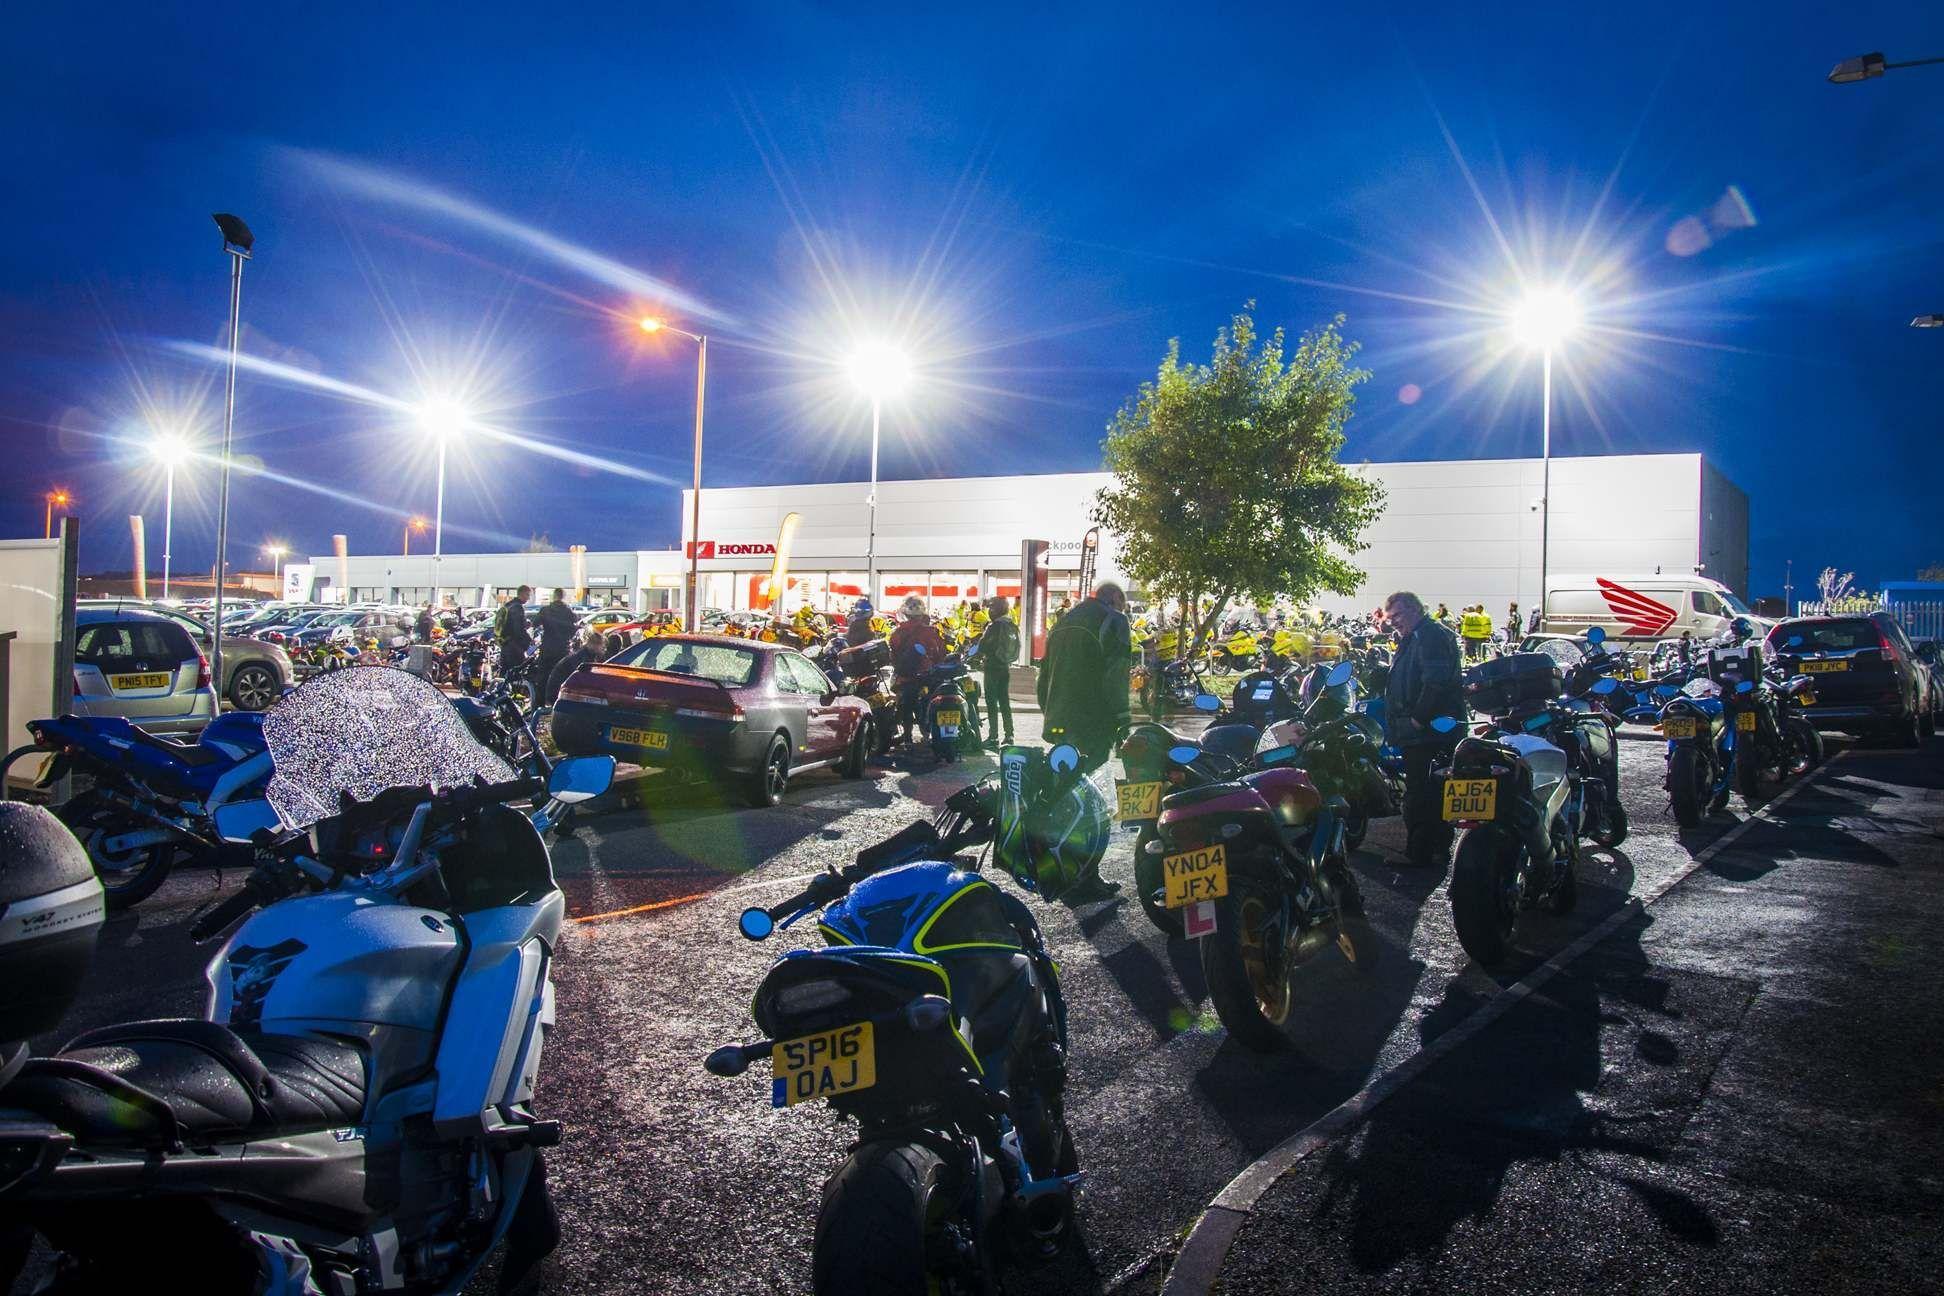 Harley-Davidson Dyna Images